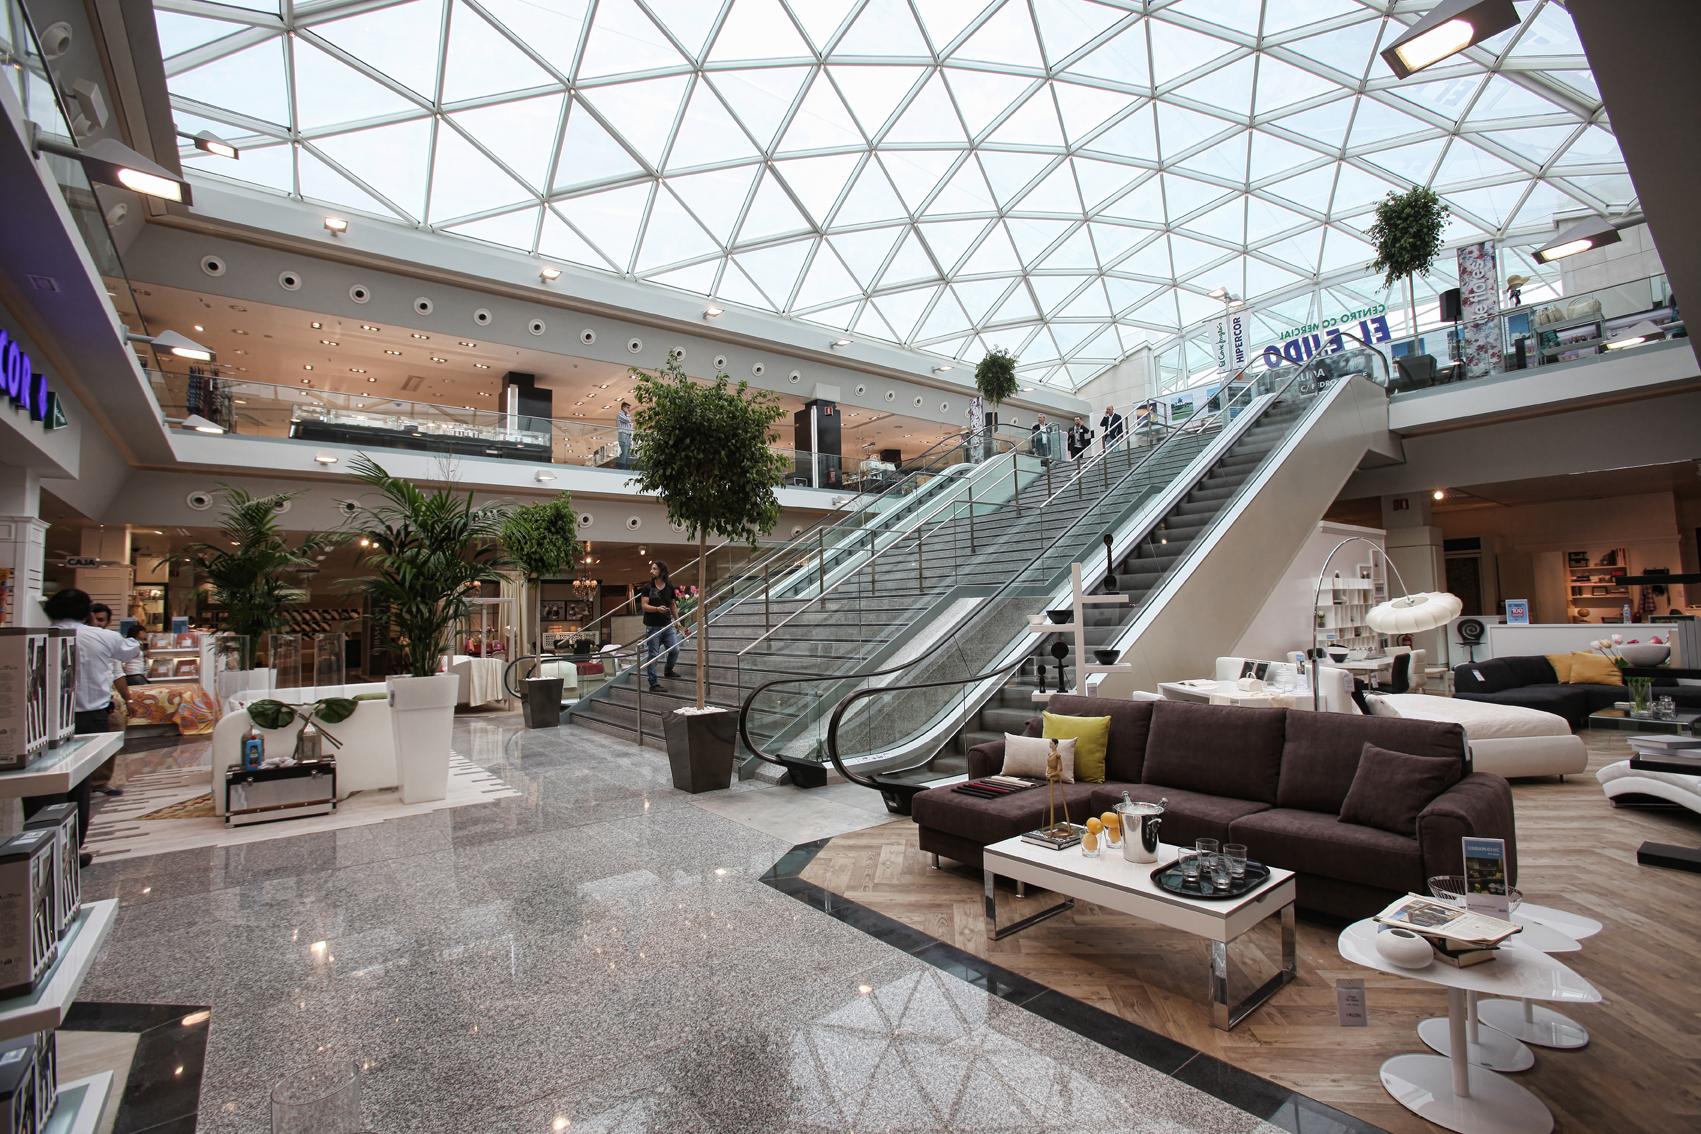 Centro comercial el ejido lanik - Centro comercial el maquinista ...